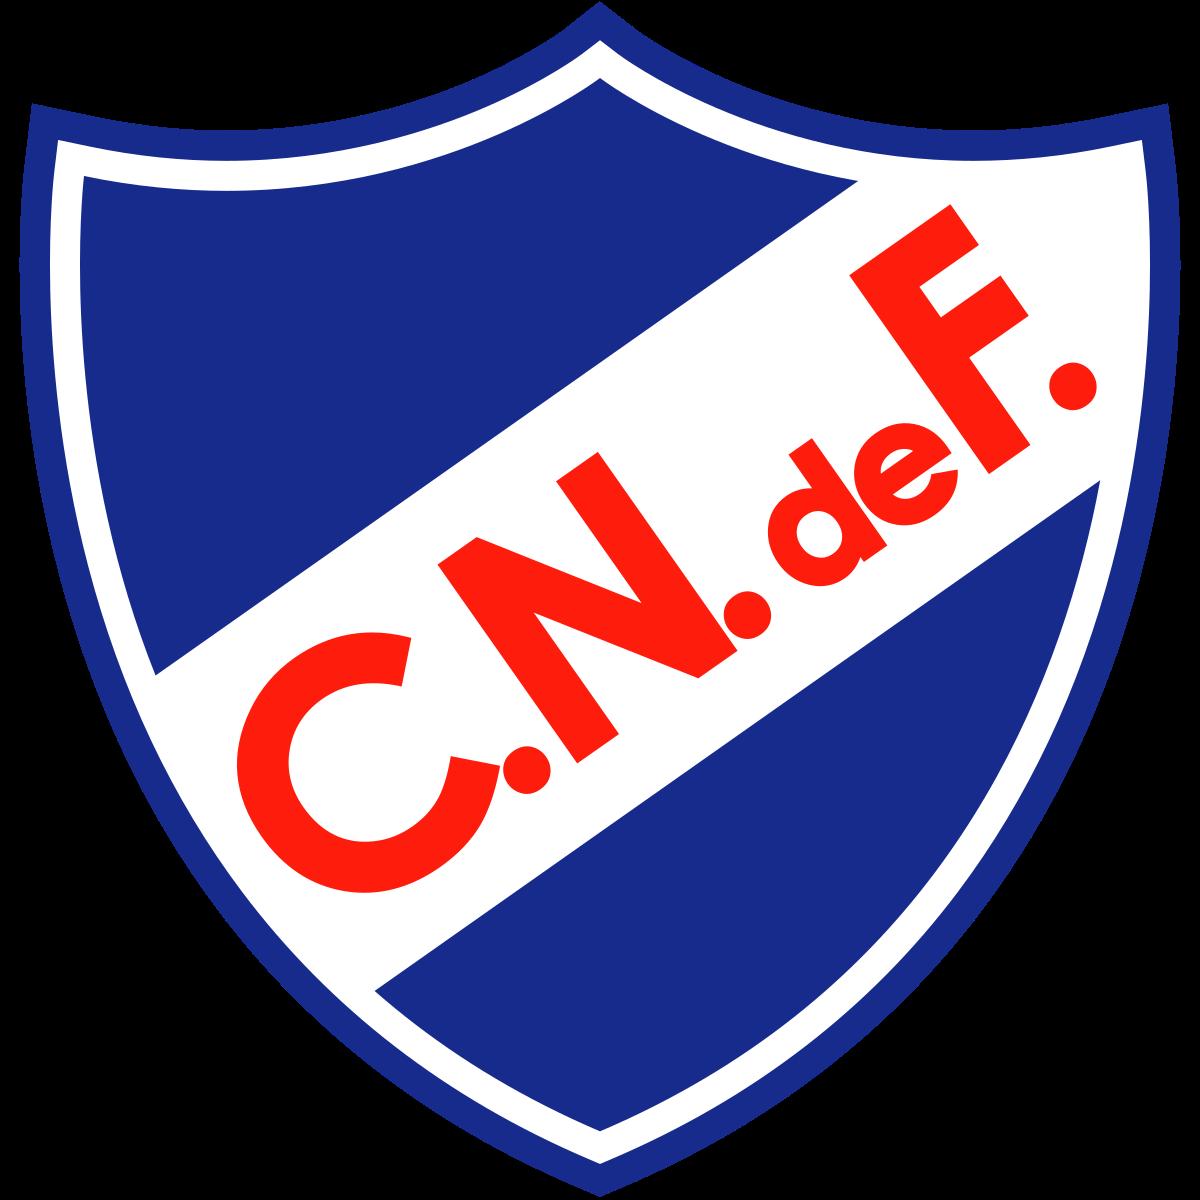 乌拉圭民族